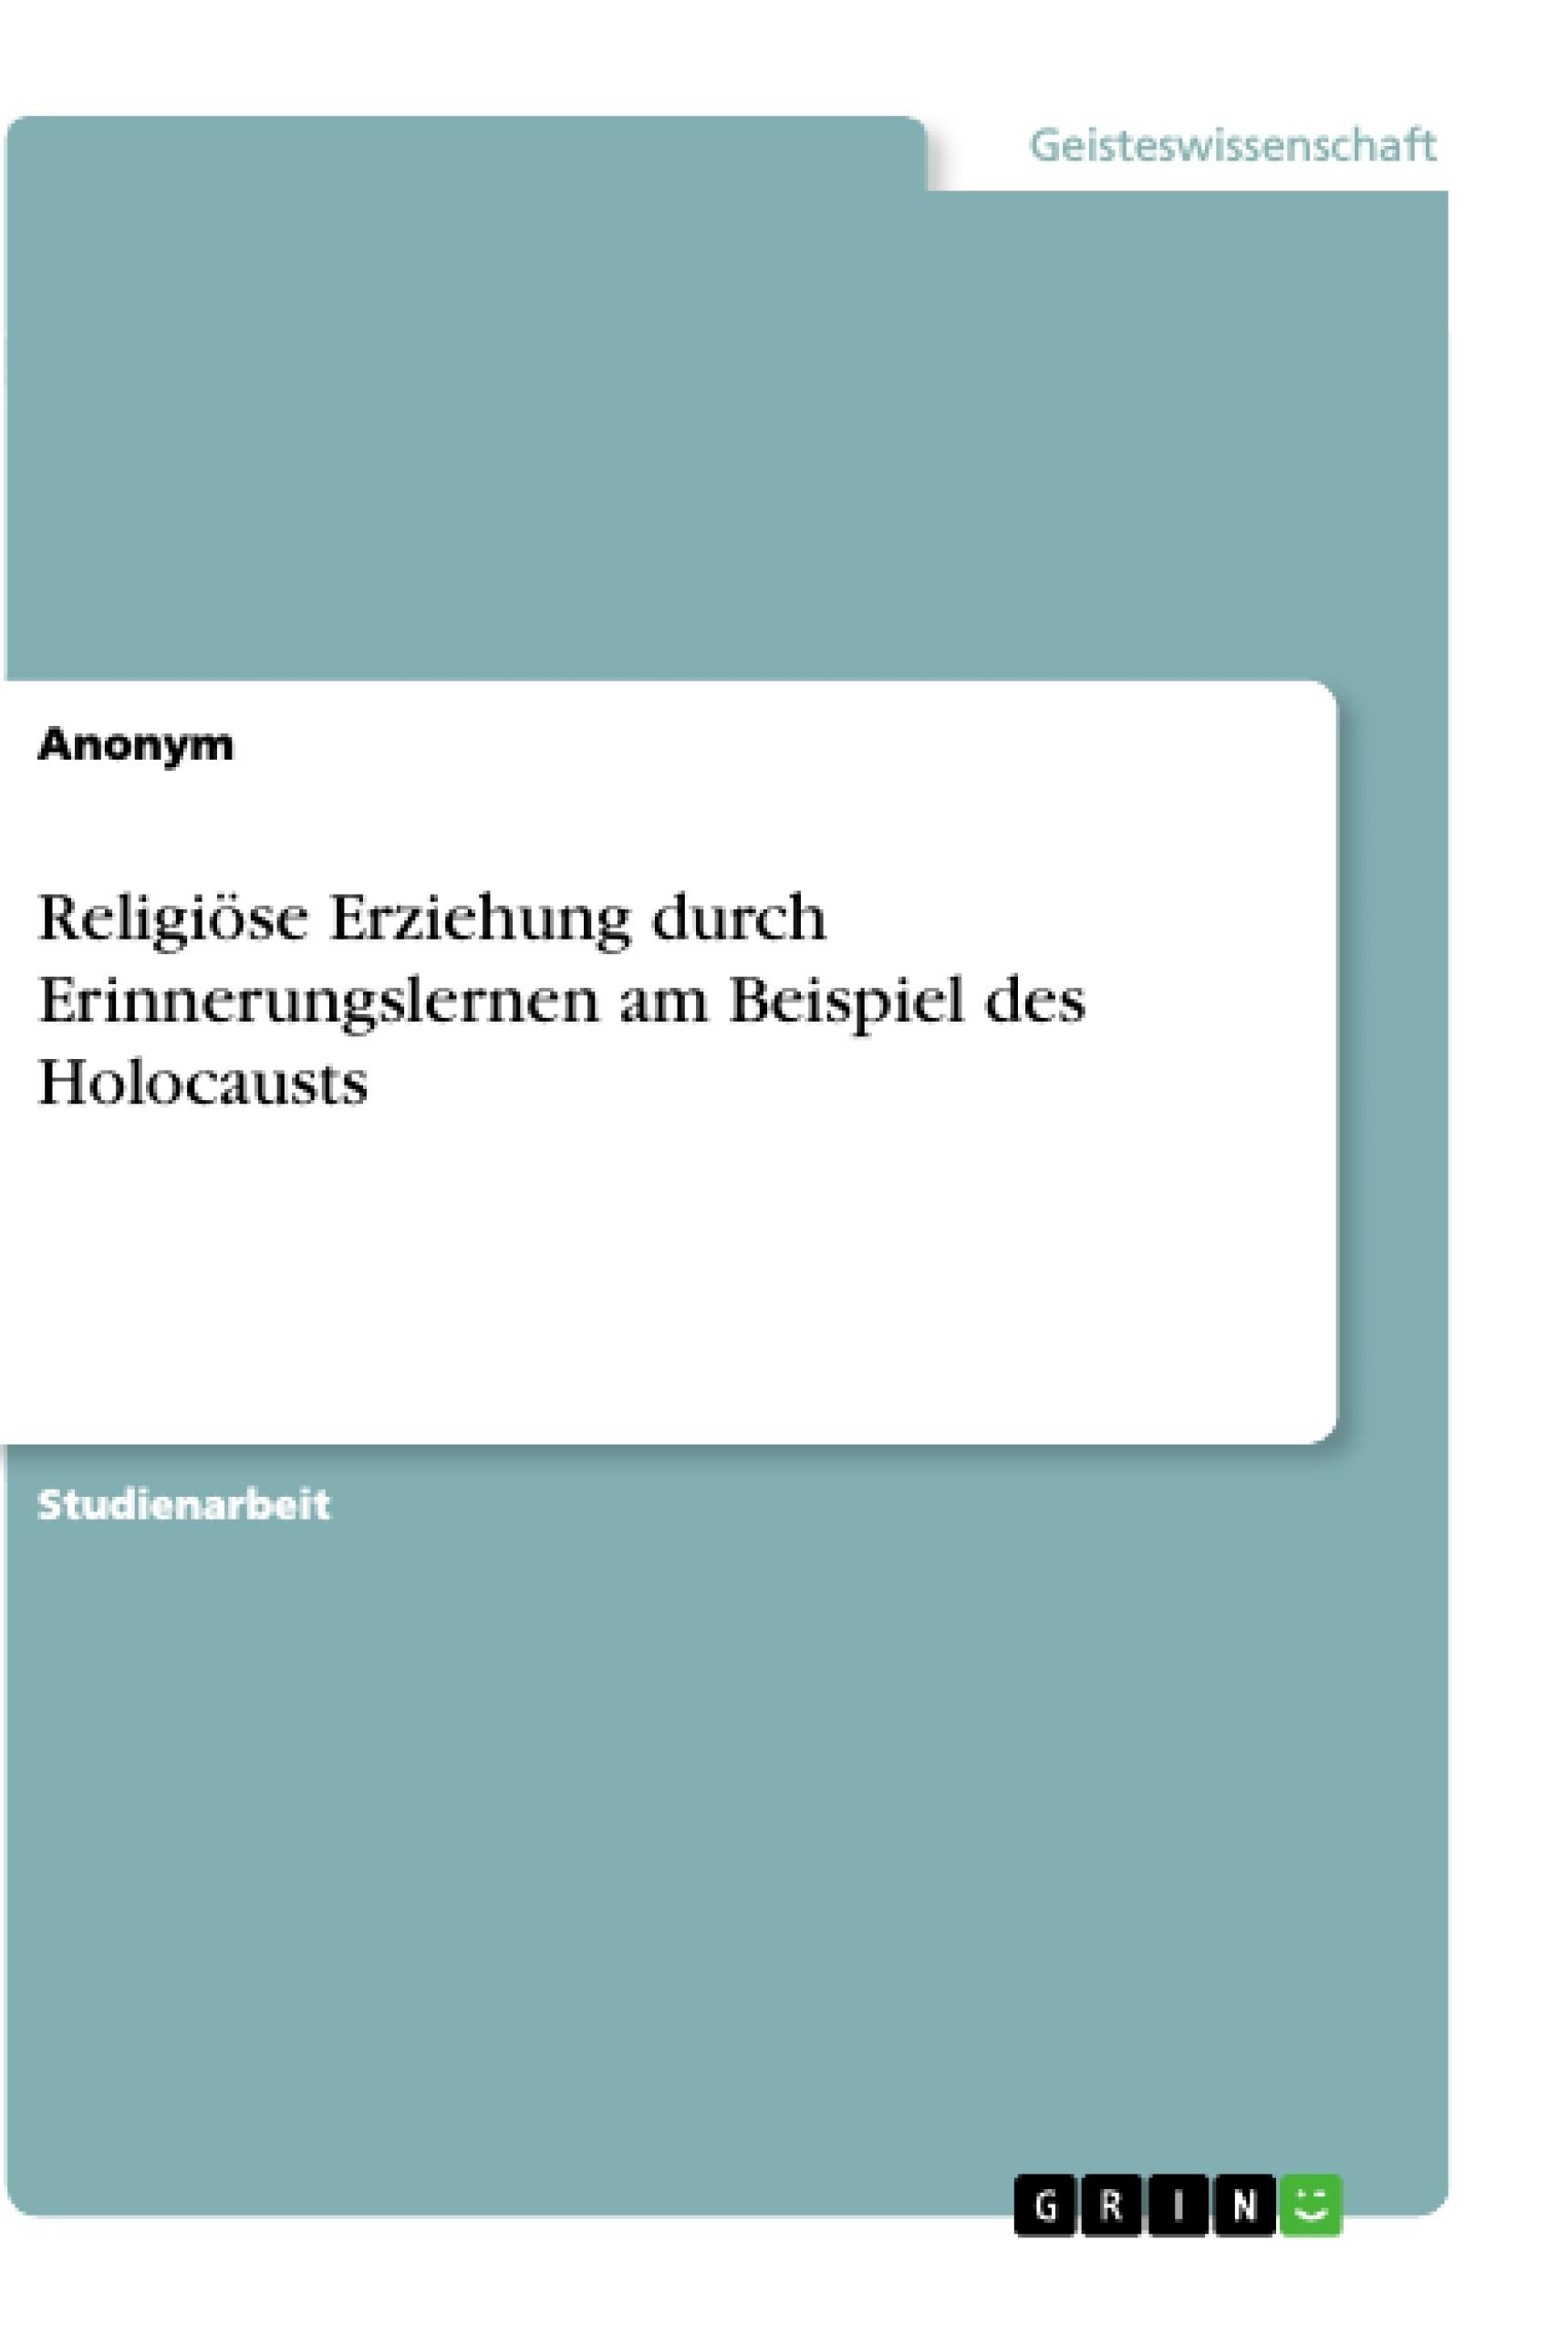 Titel: Religiöse Erziehung durch Erinnerungslernen am Beispiel des Holocausts